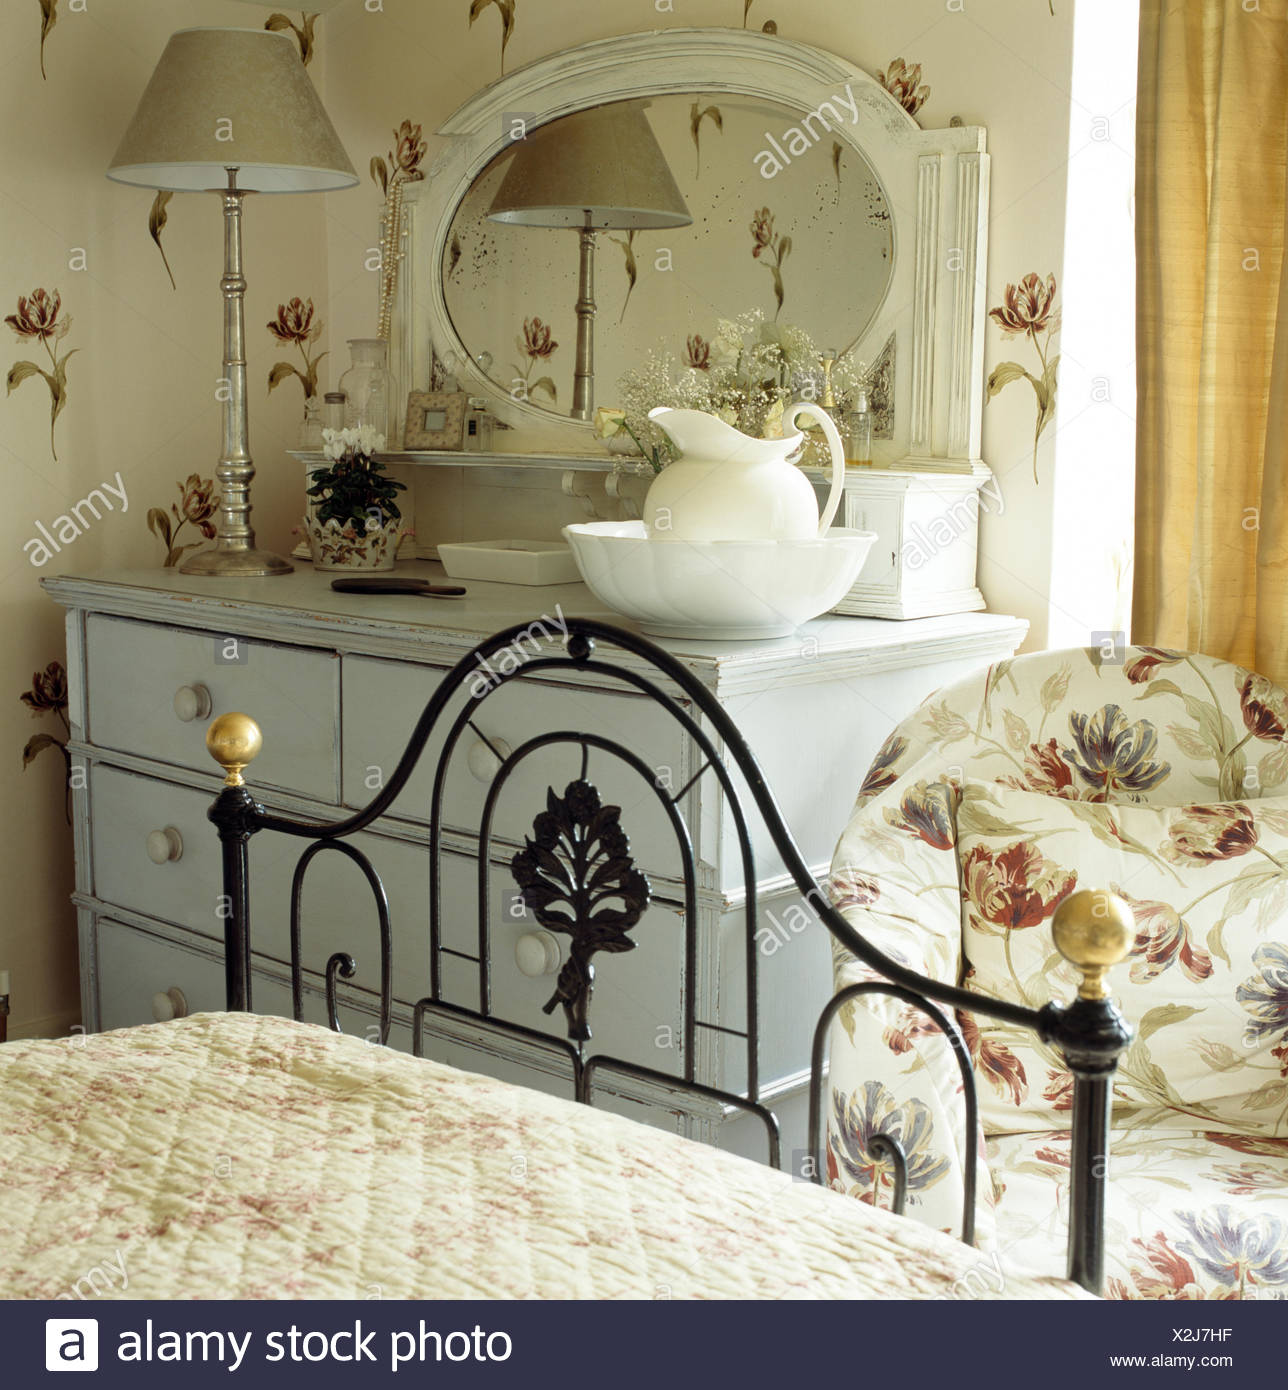 Nero ornati in ferro battuto letto matrimoniale in camera da letto ...